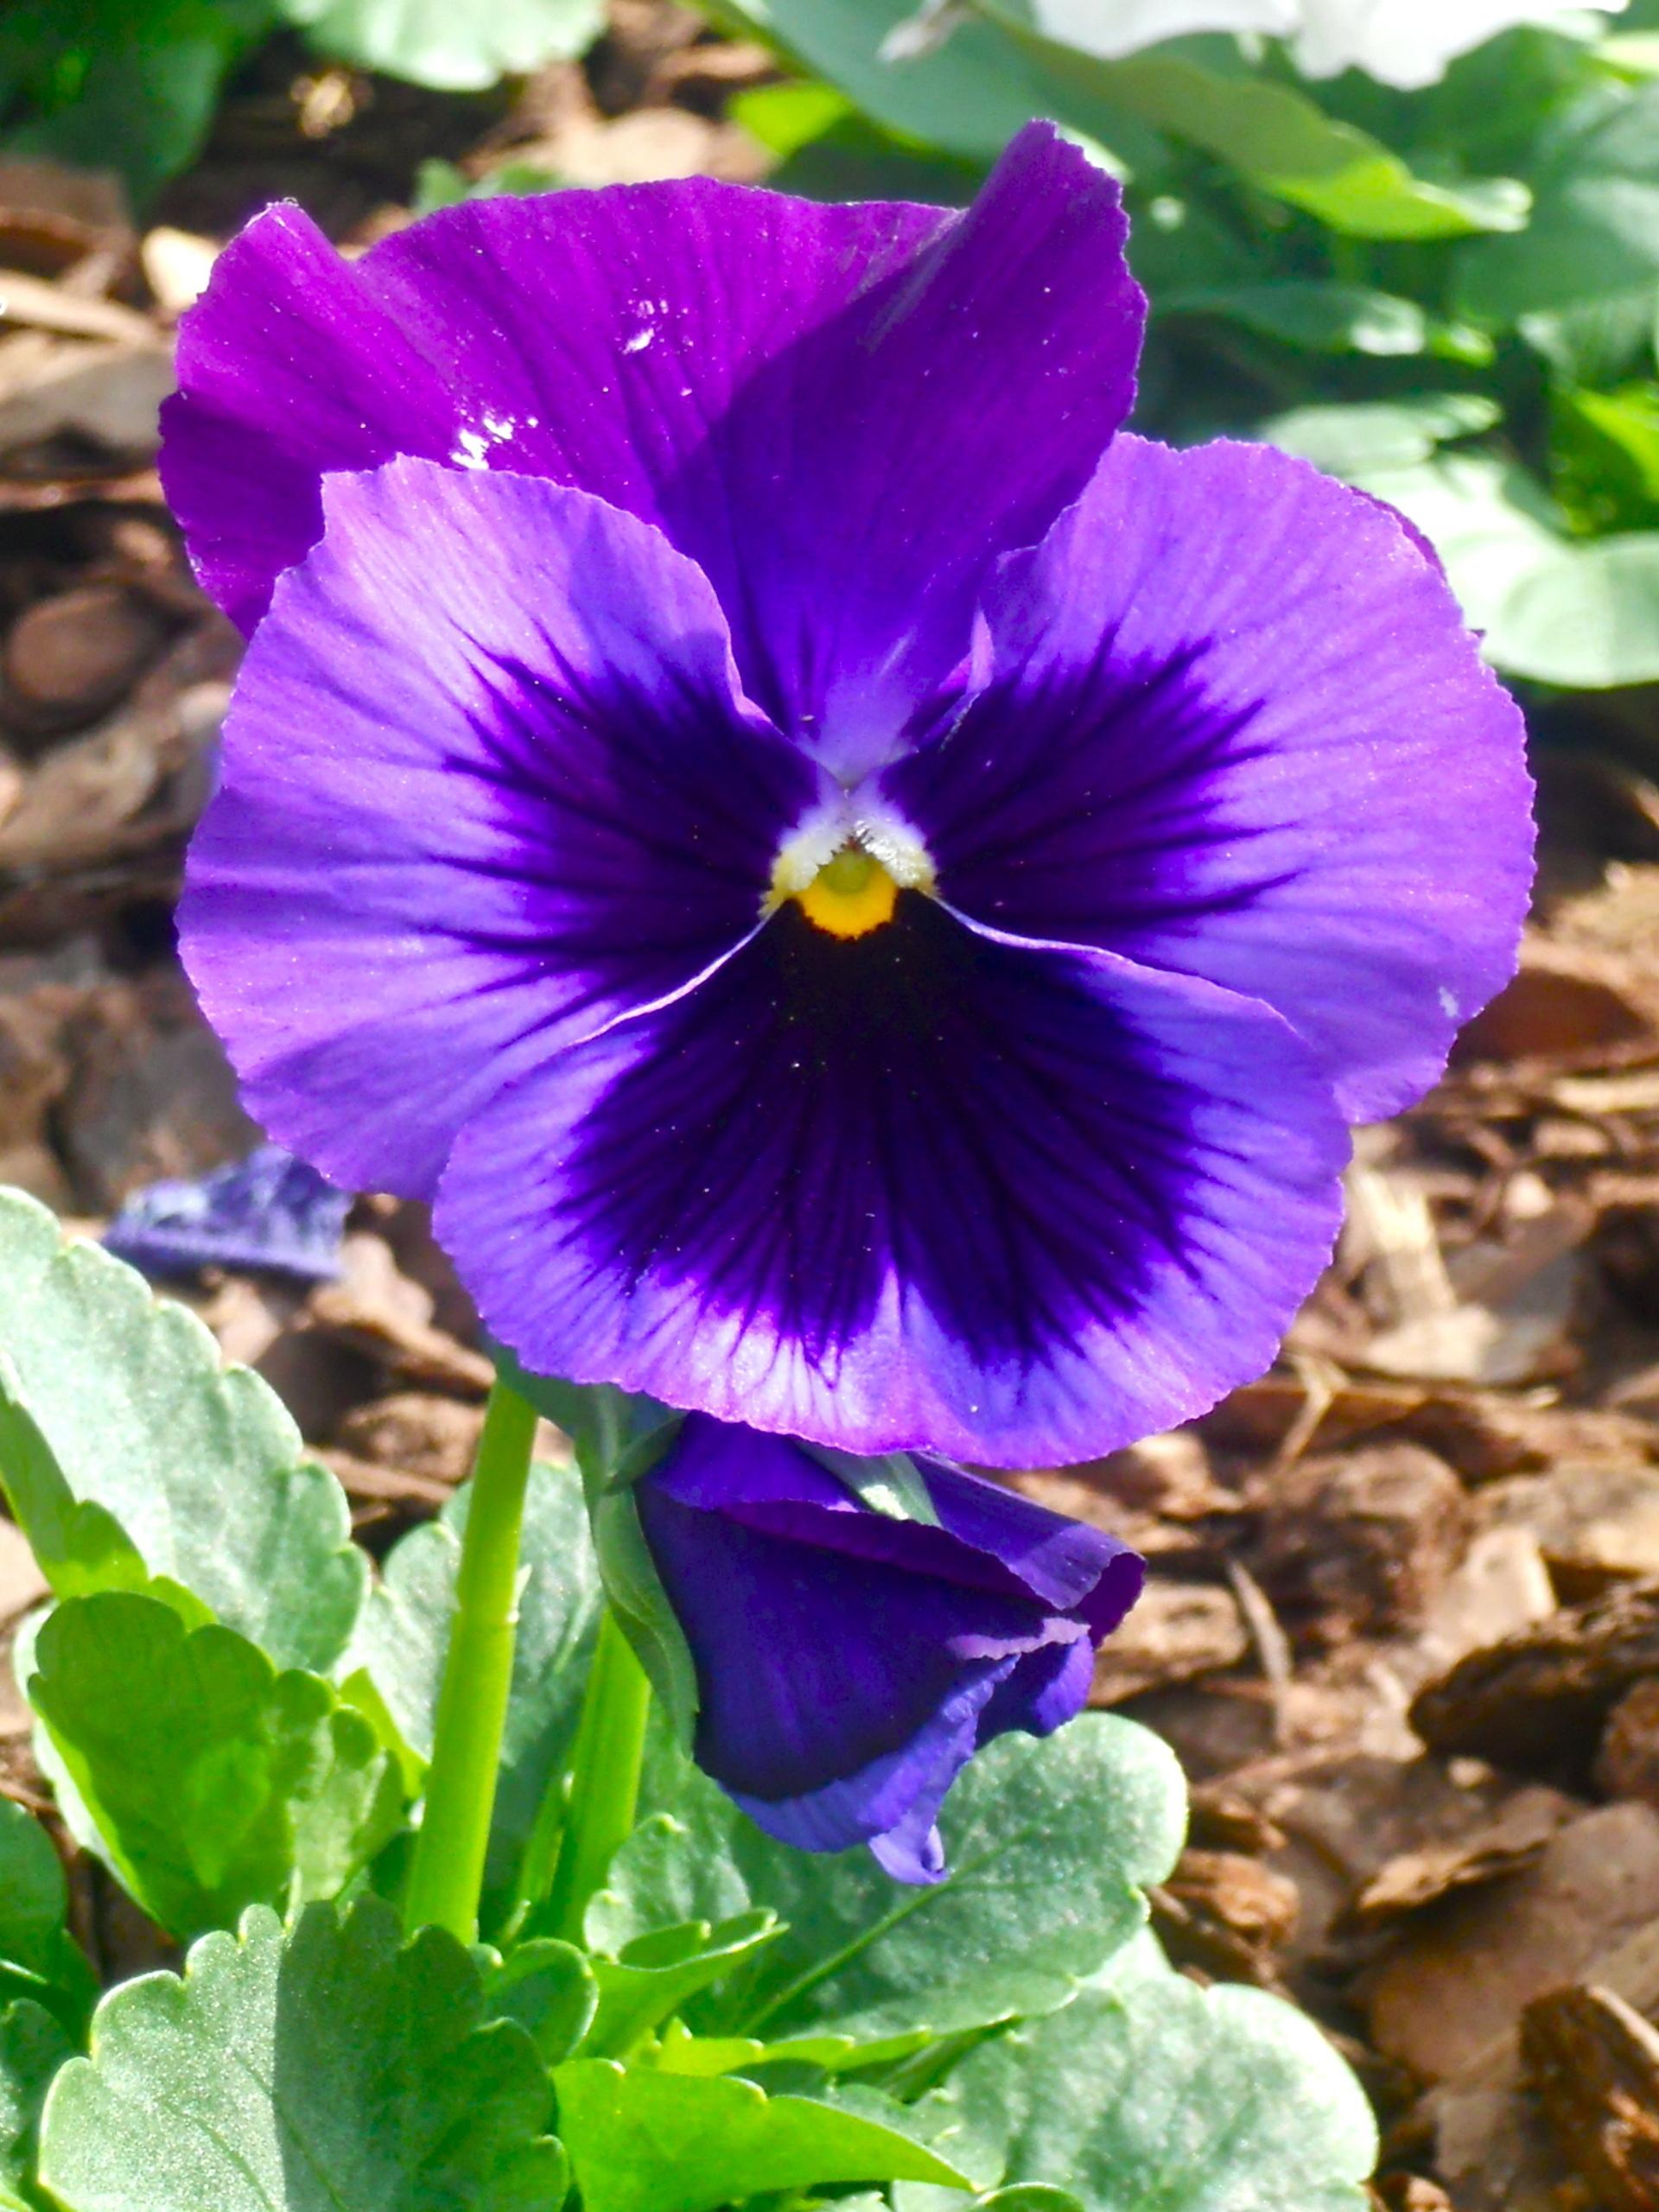 Beautiful Purple Pansy Gardening Photo 16584006 Fanpop